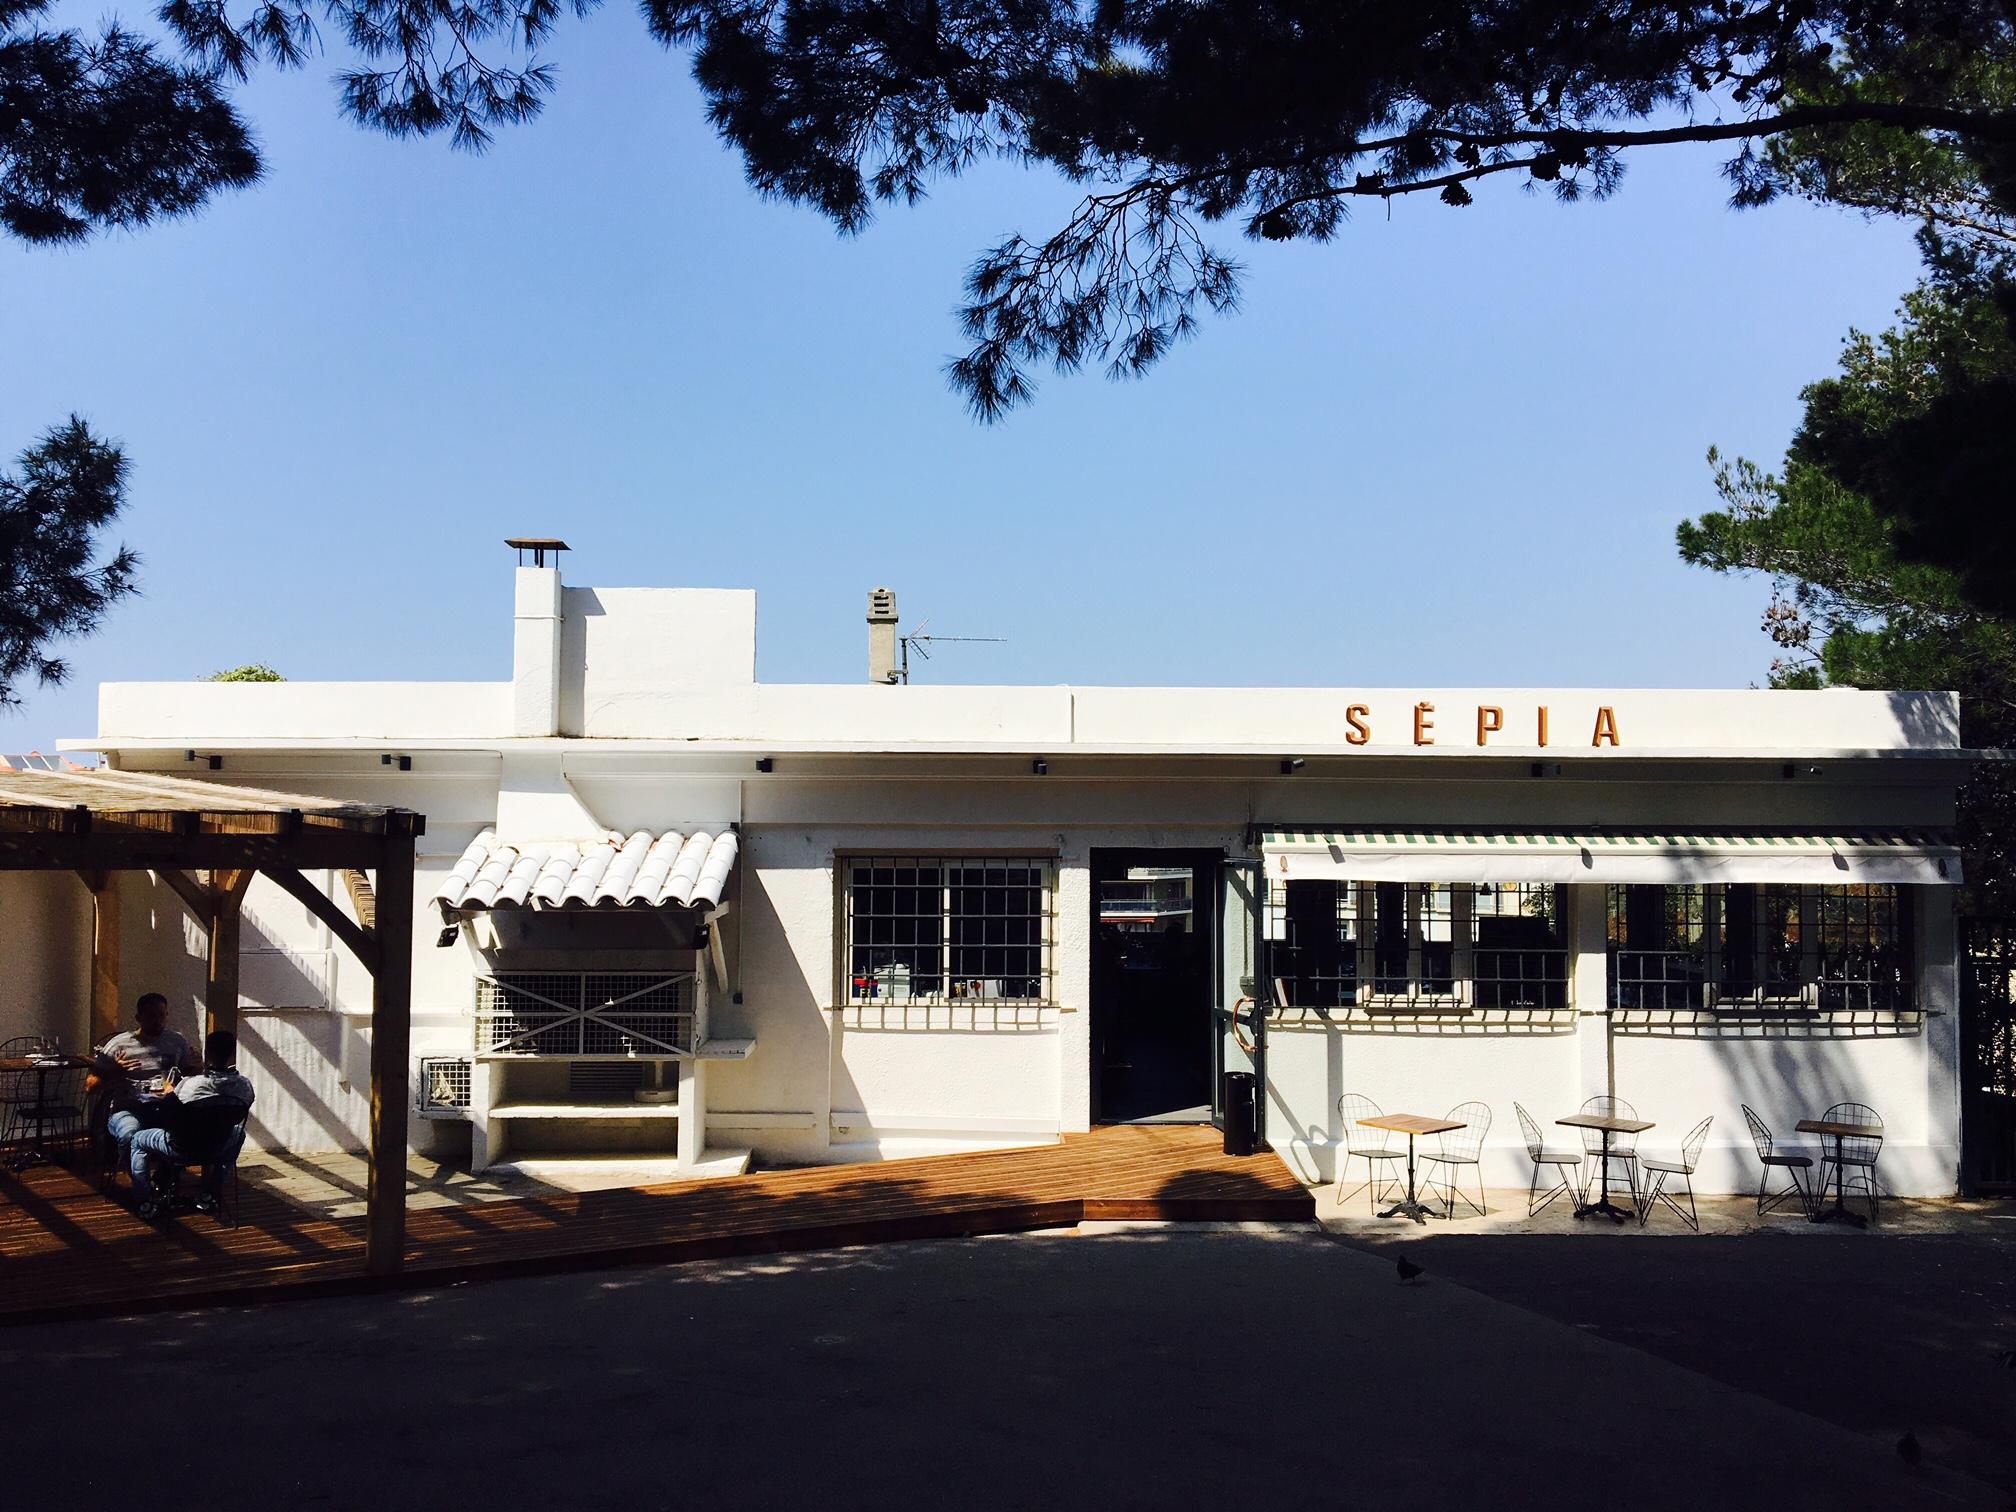 mediterranean restaurant marseille sepia spots